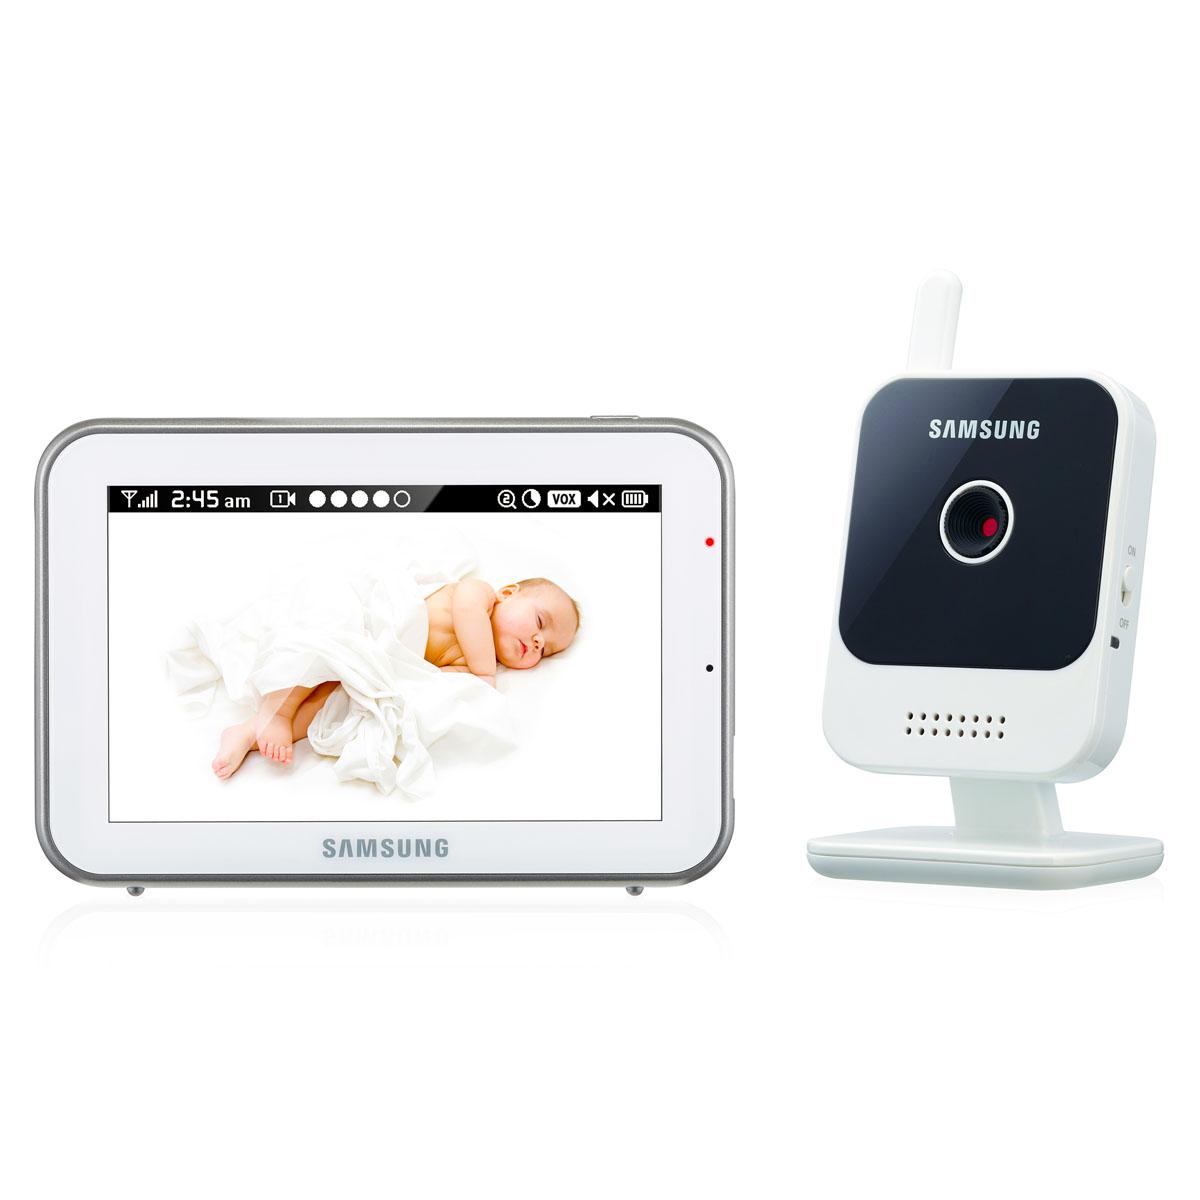 Samsung Видеоняня SEW-3042WP -  Безопасность ребенка